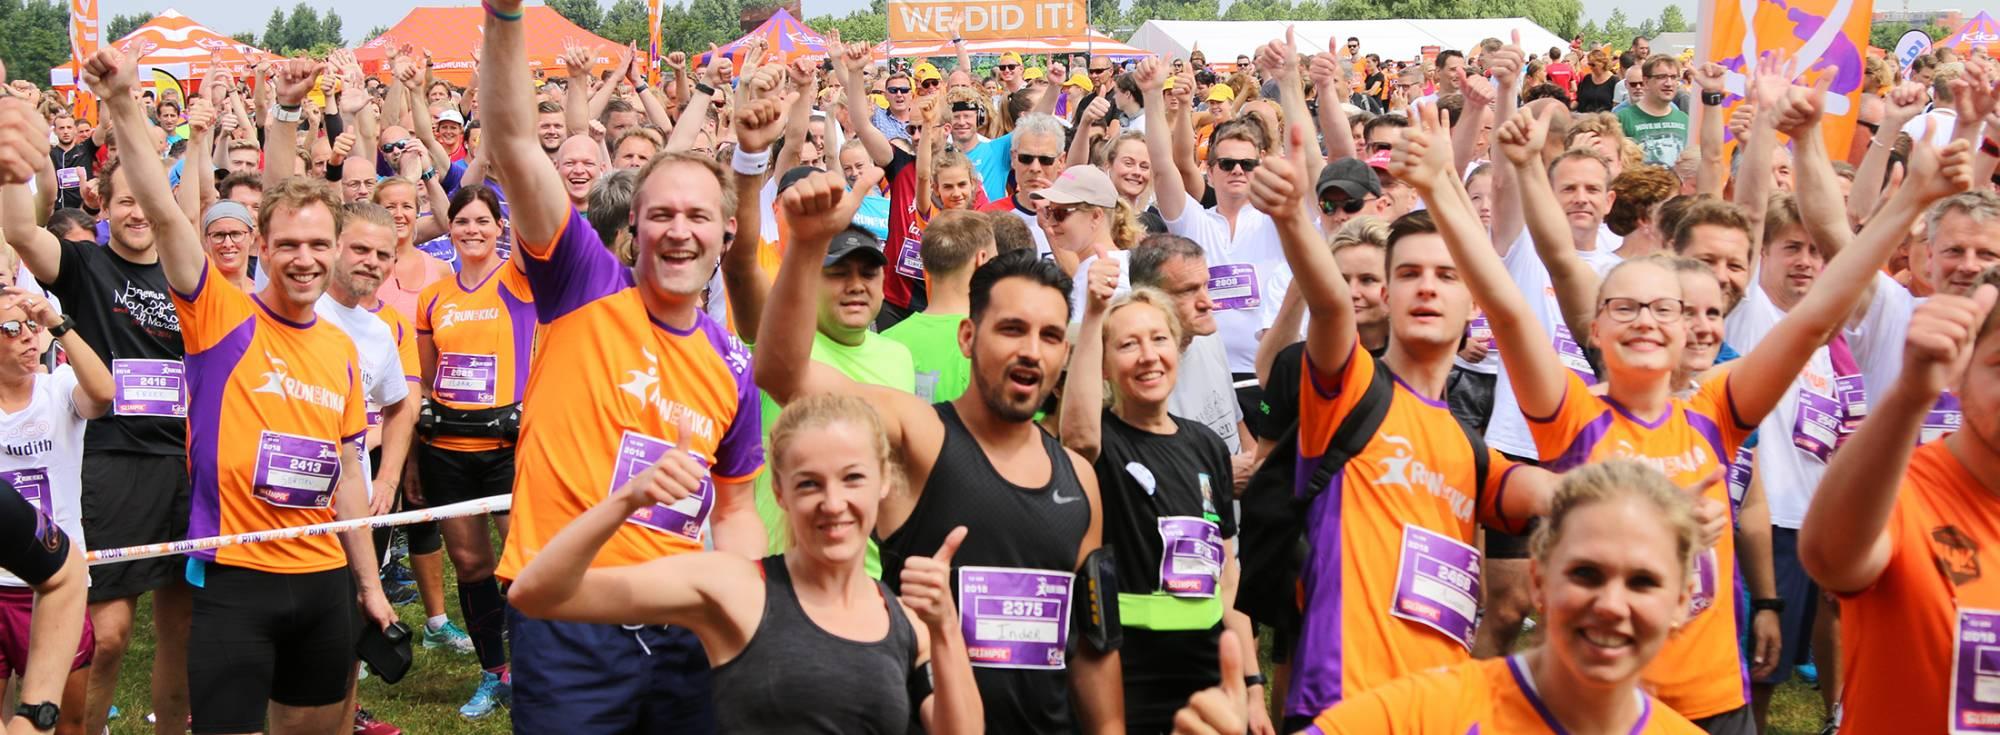 Hardlopers tijdens Run for KiKa rennen voor het goede doel